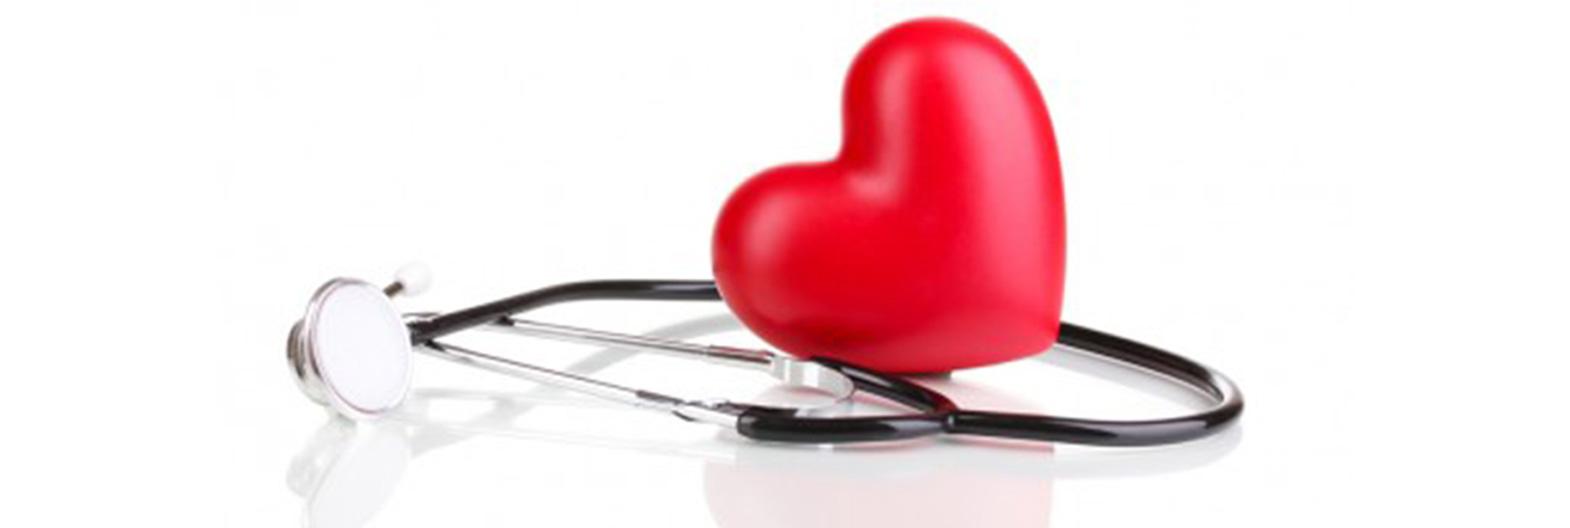 Gydytoja papasakojo apie dažną ligą, kuri neretai ignoruojama: įspėja, kuo gali baigtis